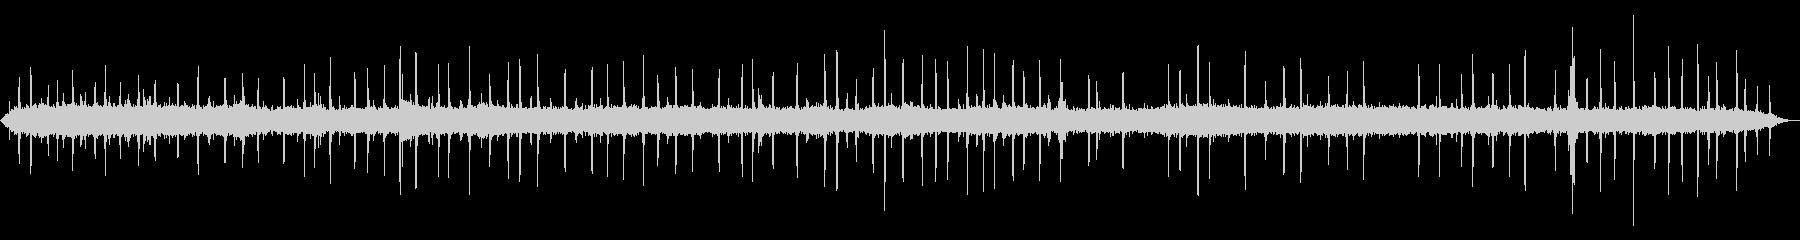 ショベルカーの音と鳥のさえずりの未再生の波形